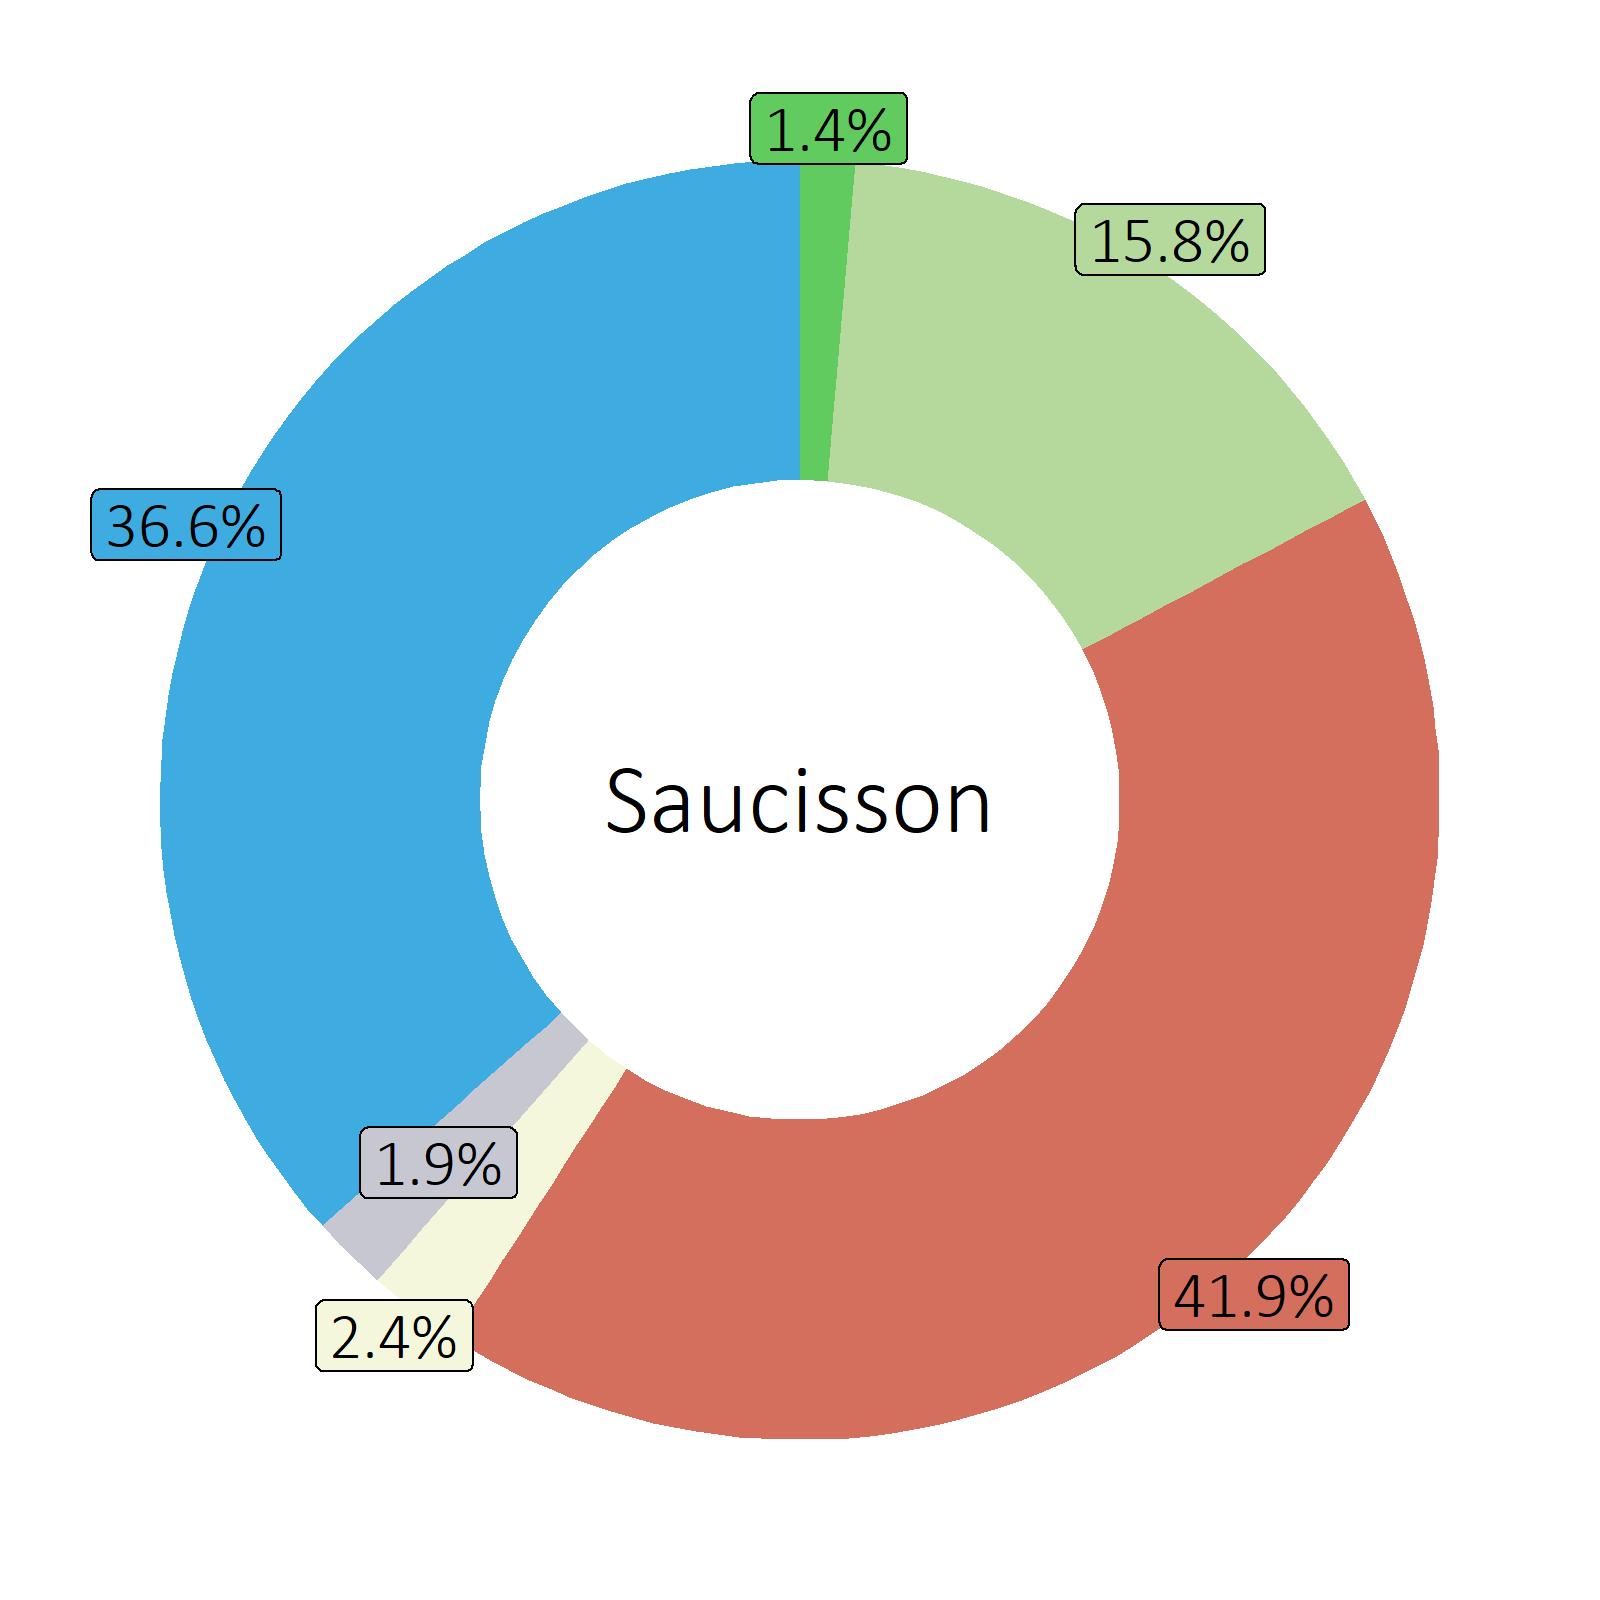 Bestandteile Saucisson